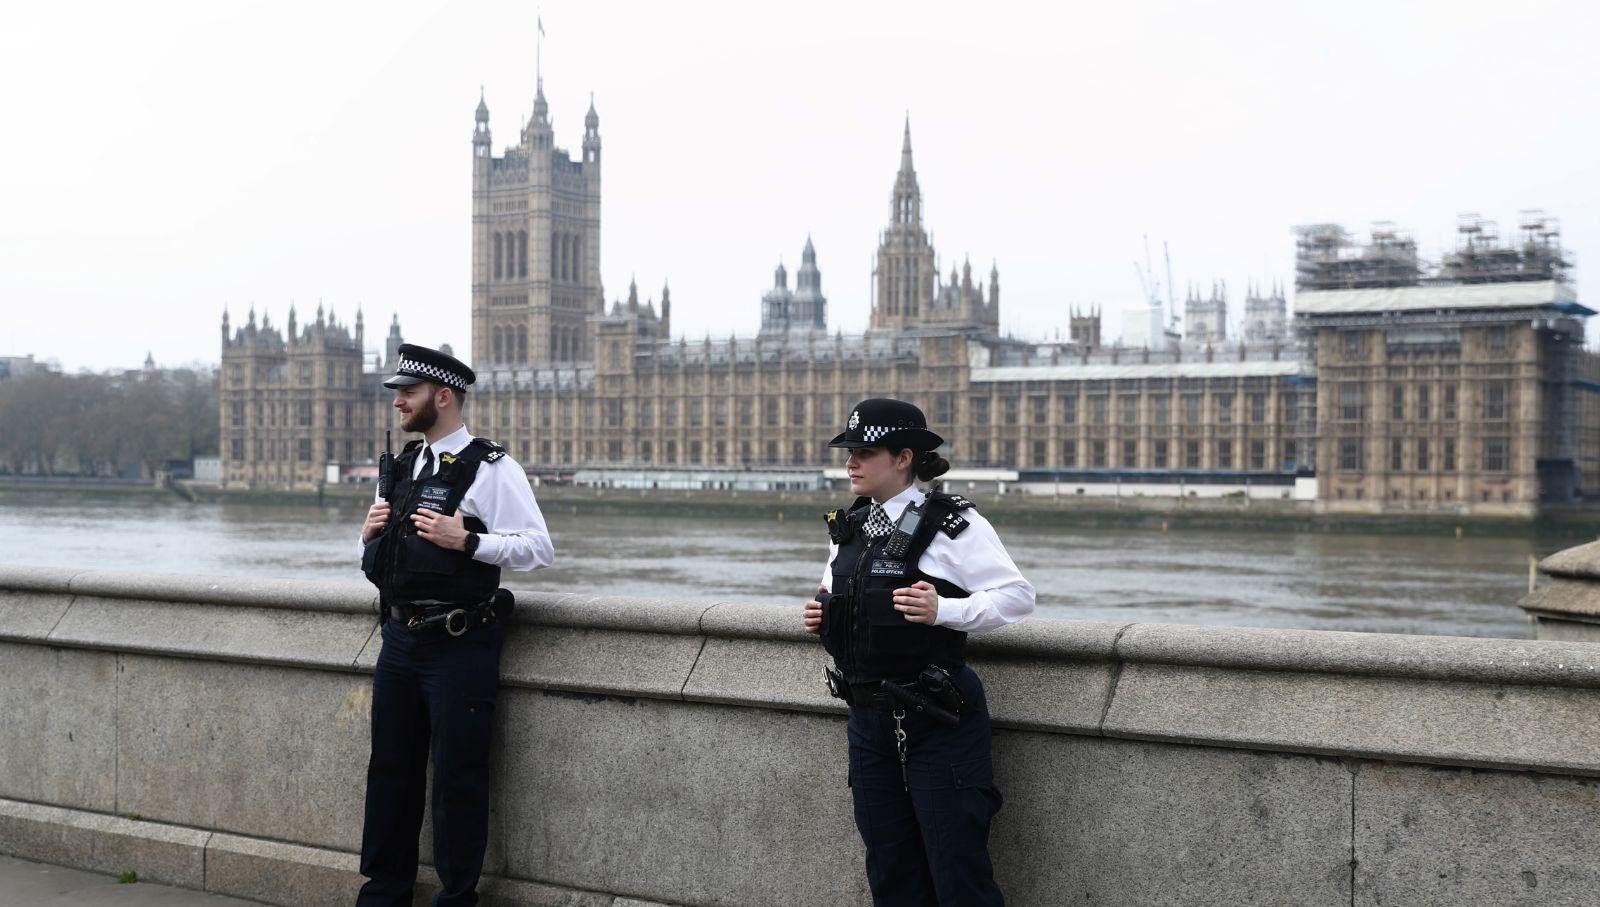 İngiltere ülkeye giriş-çıkışları kapatıyor, OkuGit.Com - Tarih, Güncel, Kadın, Sağlık, Moda Bilgileri Genel Bloğu